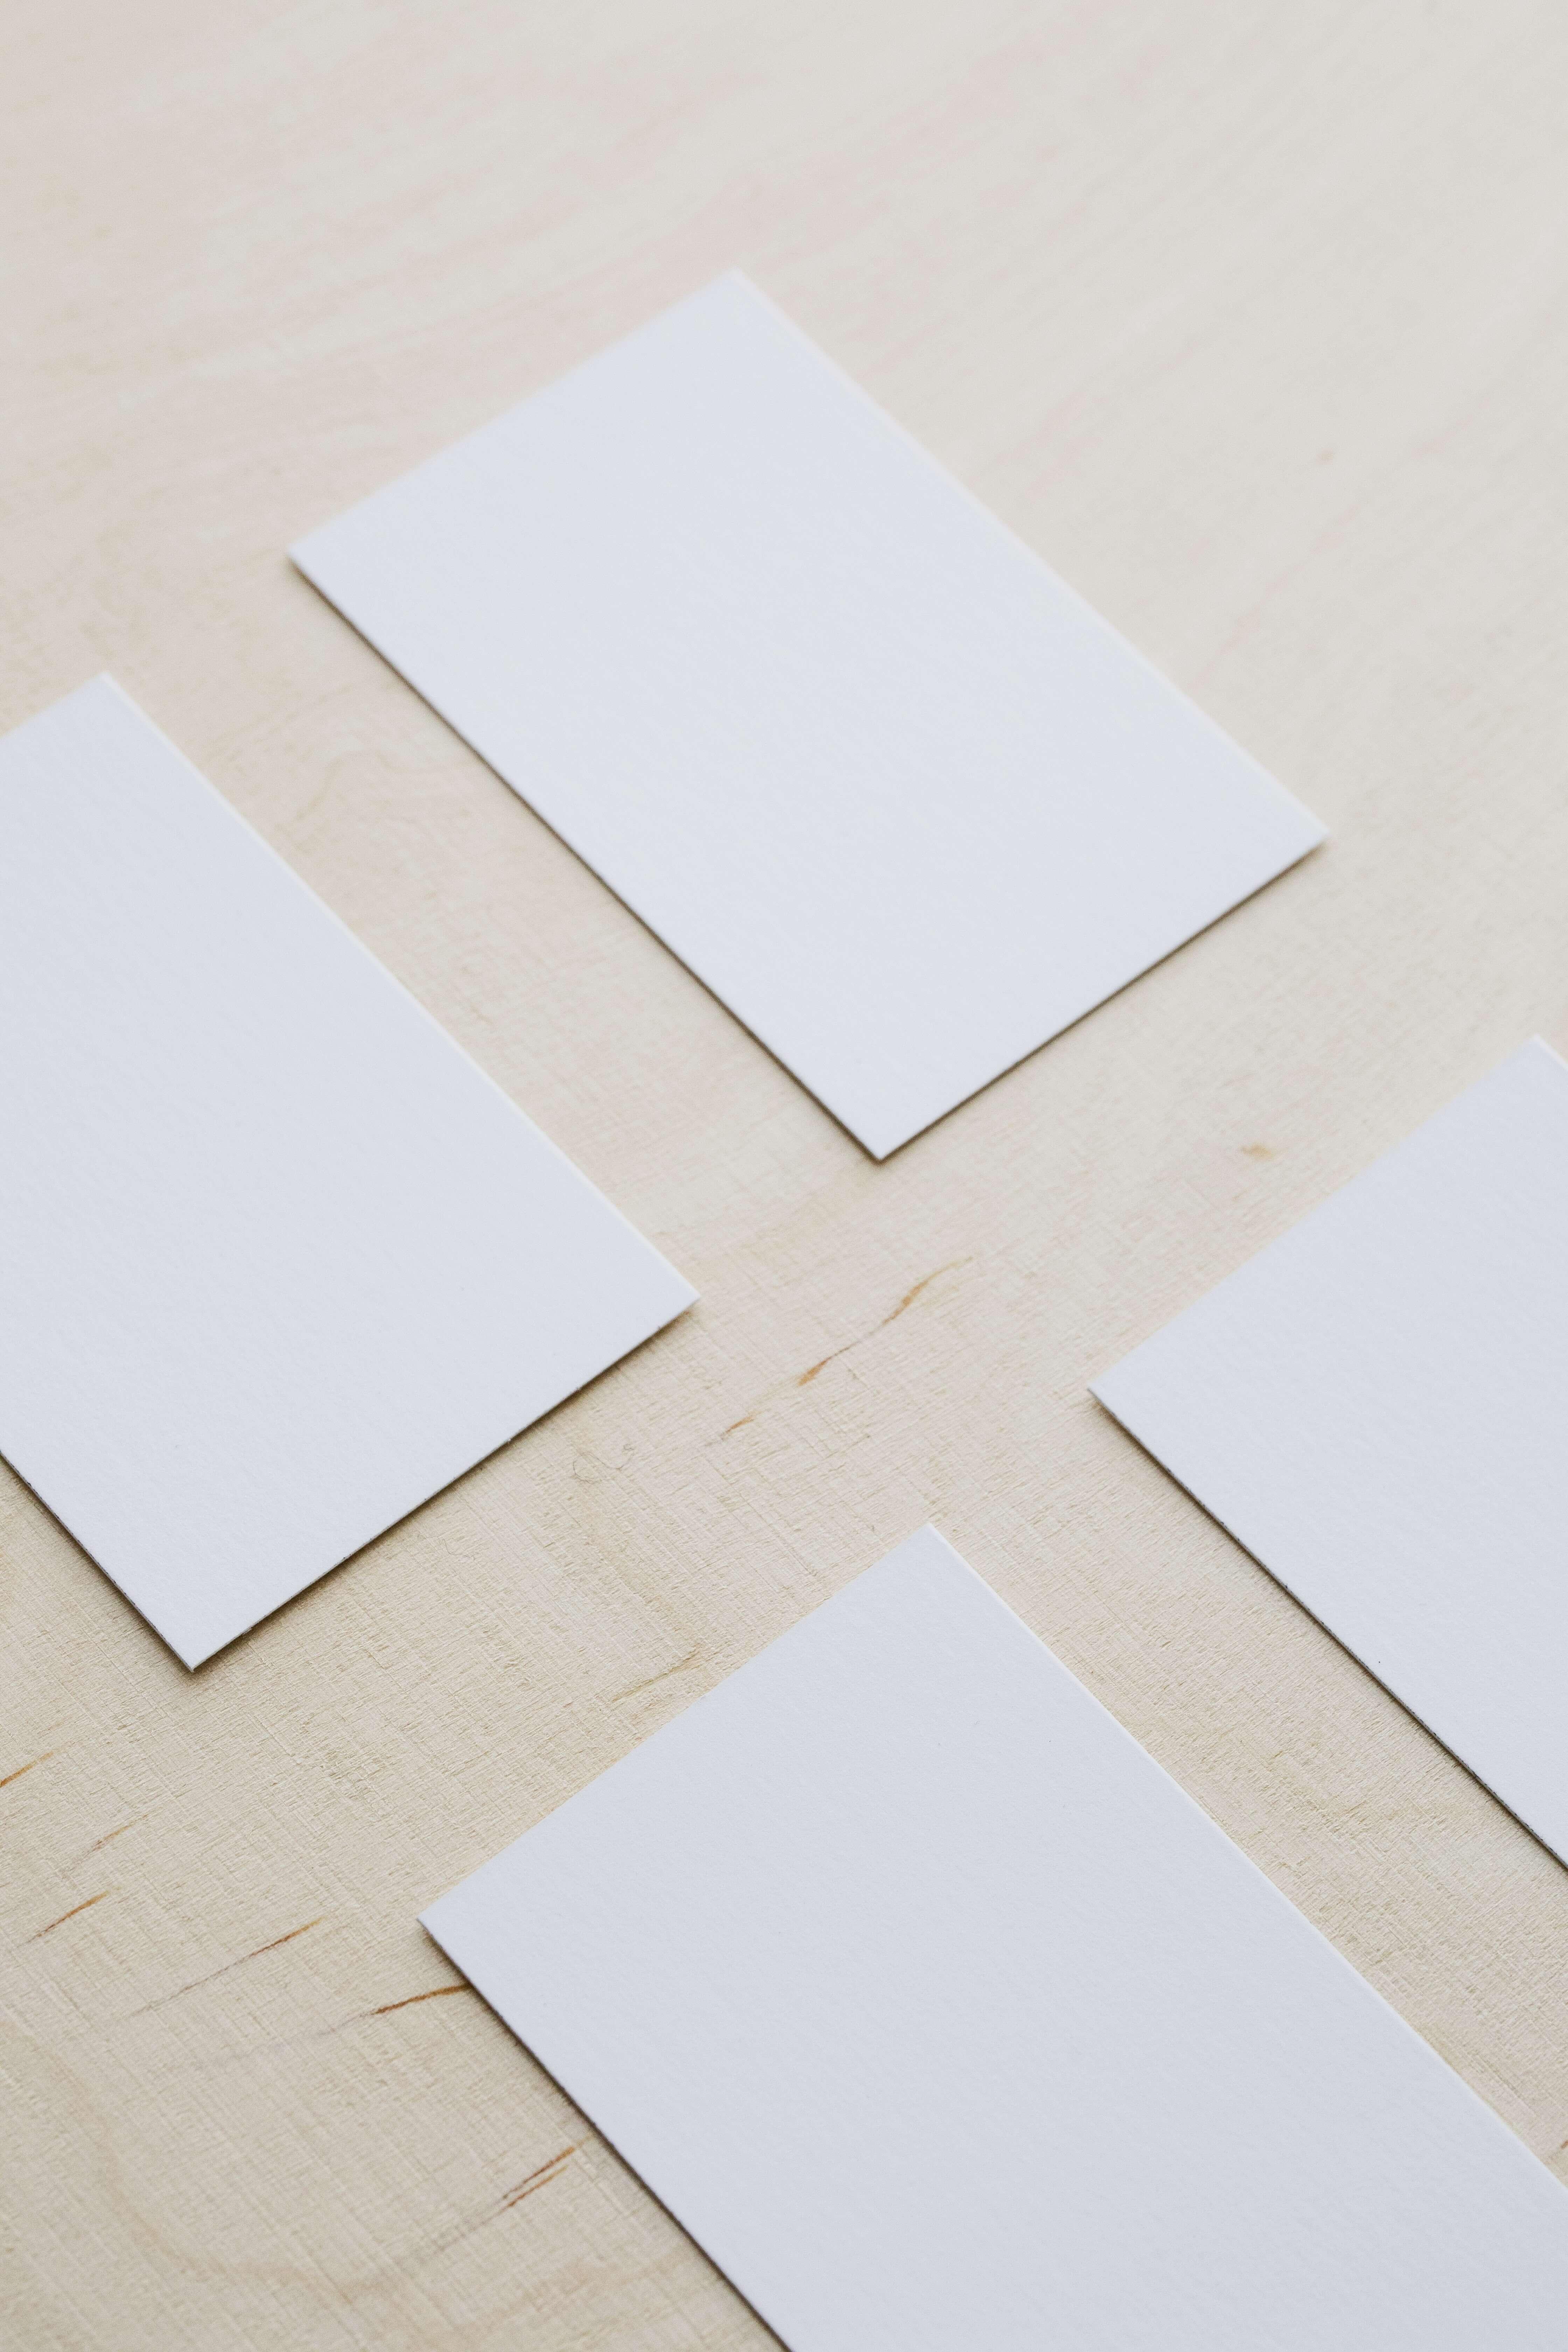 pexels-karolina-grabowska-4466104 (1)